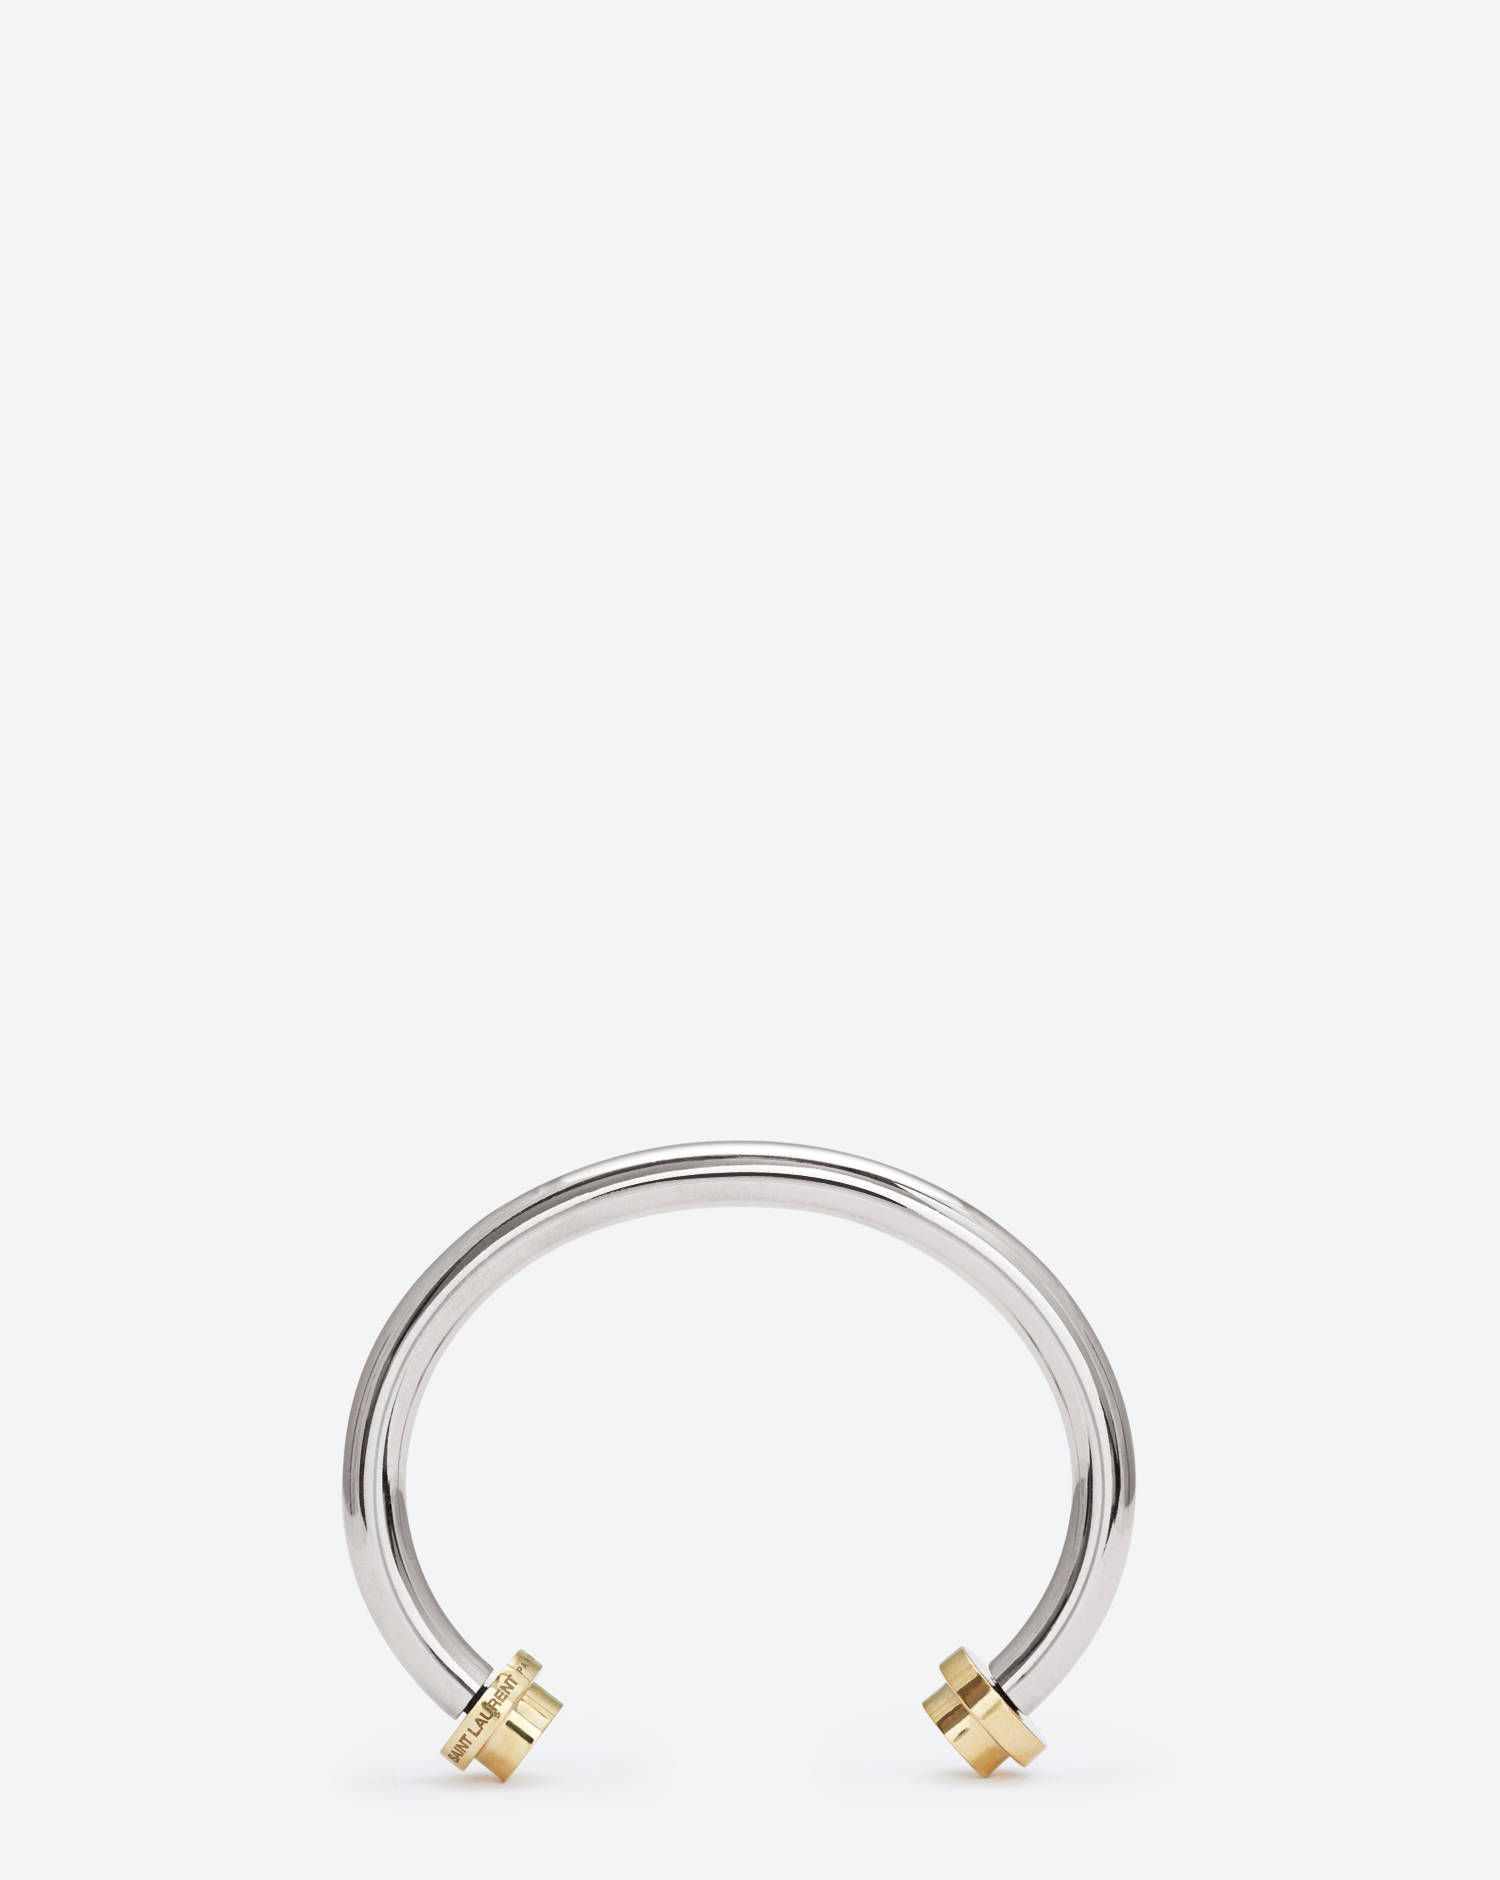 a25292ad3b911a Bangle, SAINT LAURENT PARIS | PROJECTION LIST | Metal bracelets ...